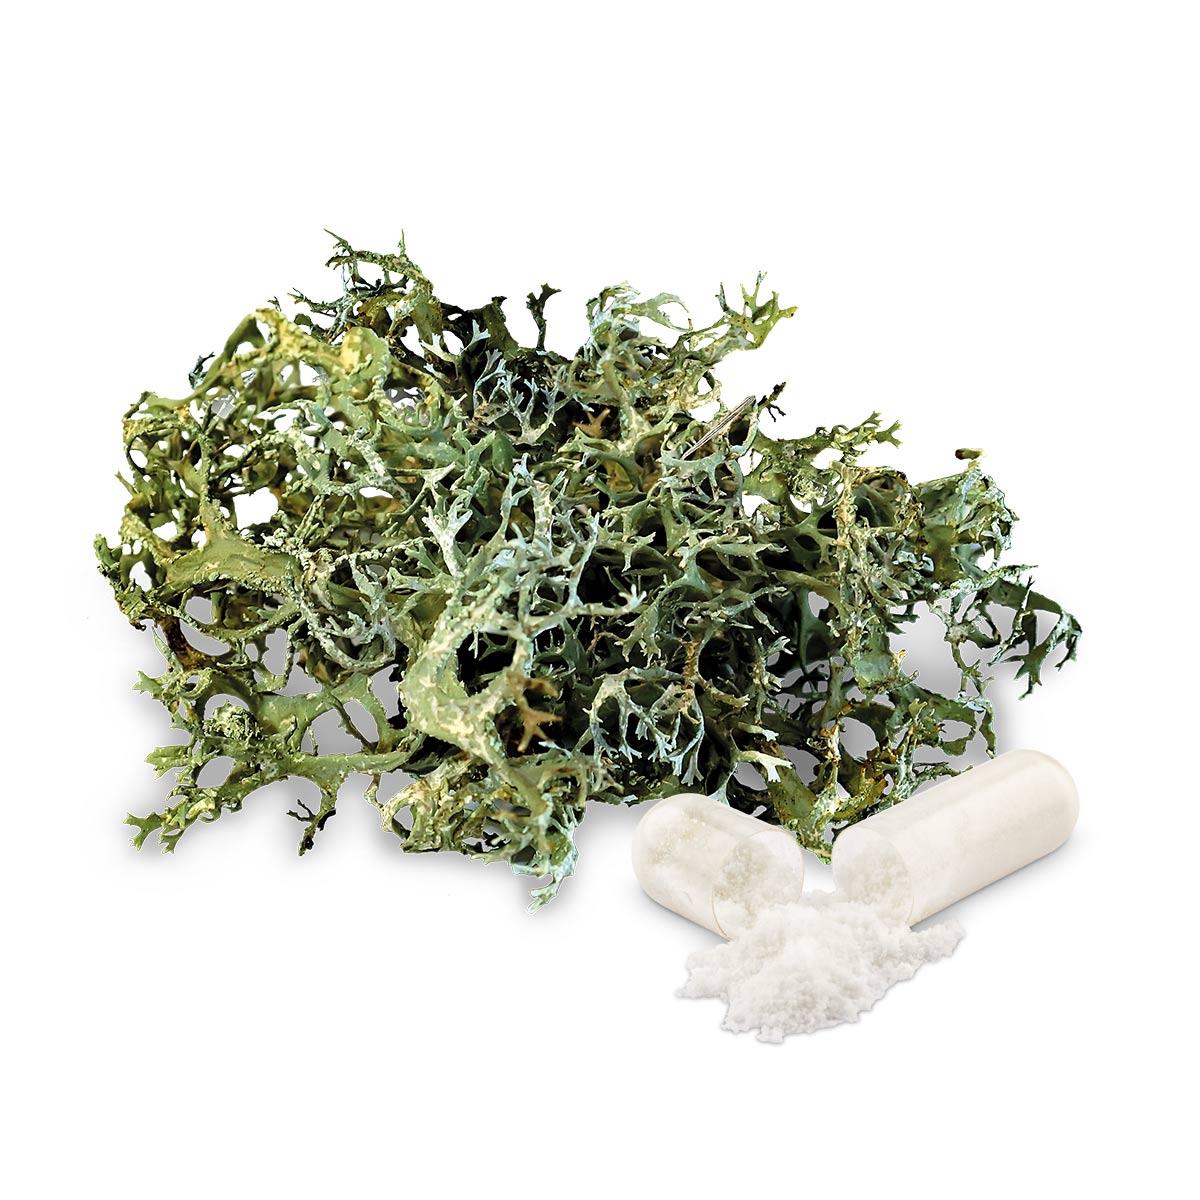 vitamin-d3-kapseln-vegan-phytholistic-180-stueck-flechte-kapsel-1200x1200